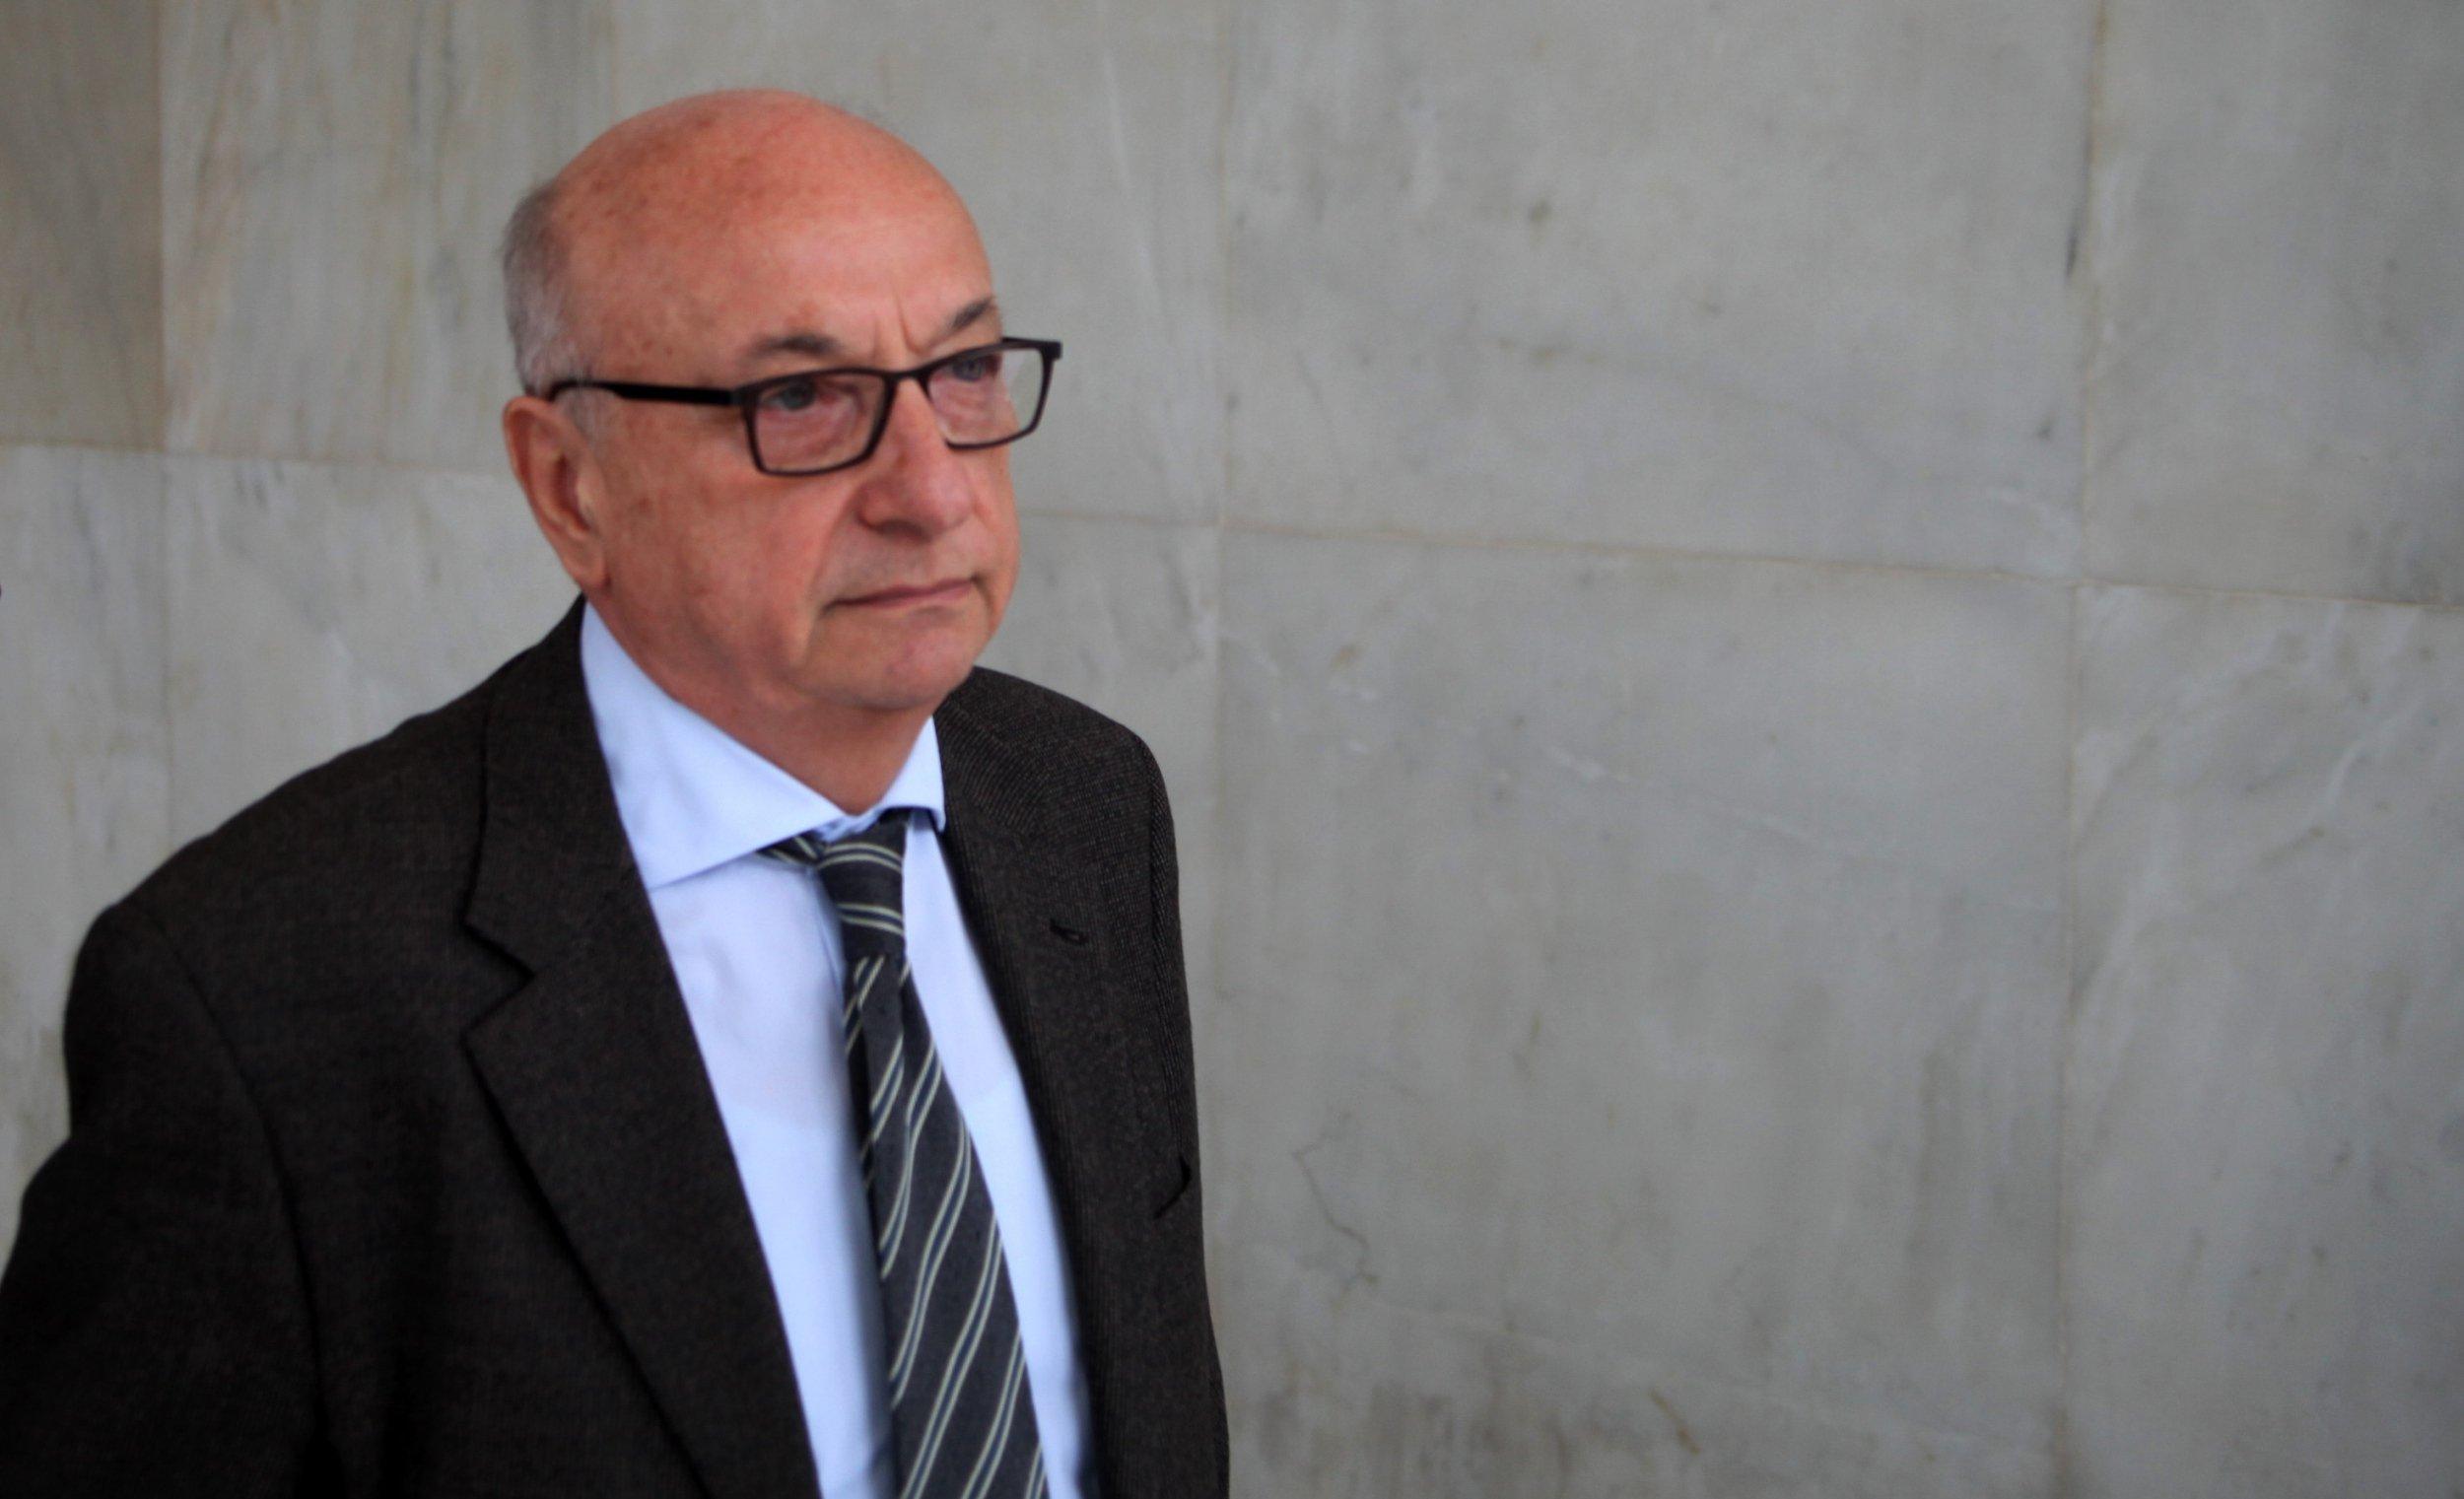 Κατέθεσε ως μάρτυρας ο Τσουκάτος για τα 16 δισεκ. δραχμές ιδιωτική χρηματοδότηση του ΠΑΣΟΚ